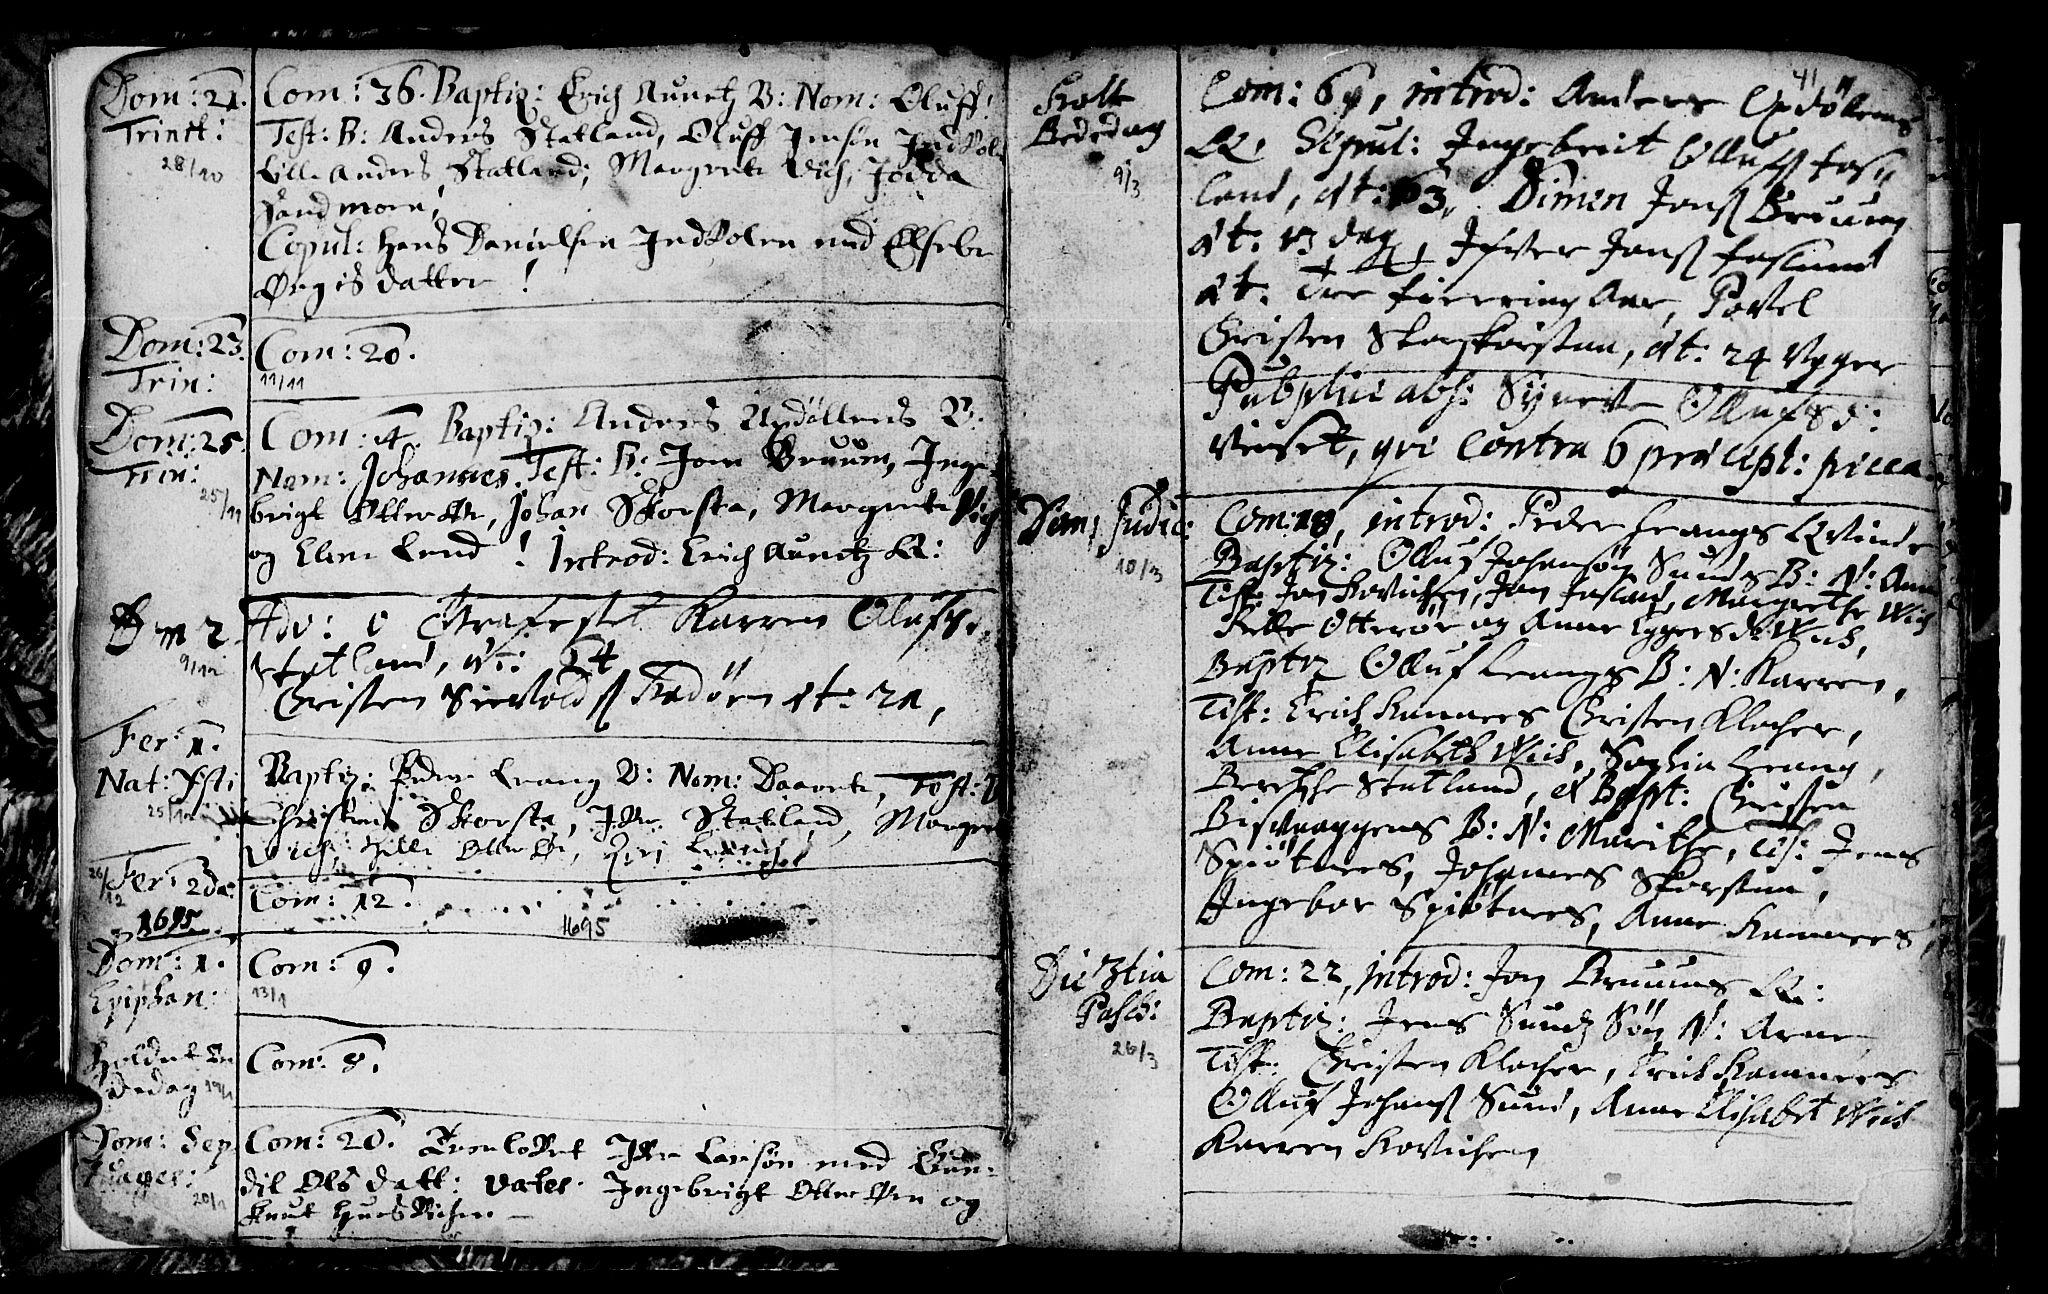 SAT, Ministerialprotokoller, klokkerbøker og fødselsregistre - Nord-Trøndelag, 774/L0627: Ministerialbok nr. 774A01, 1693-1738, s. 40-41